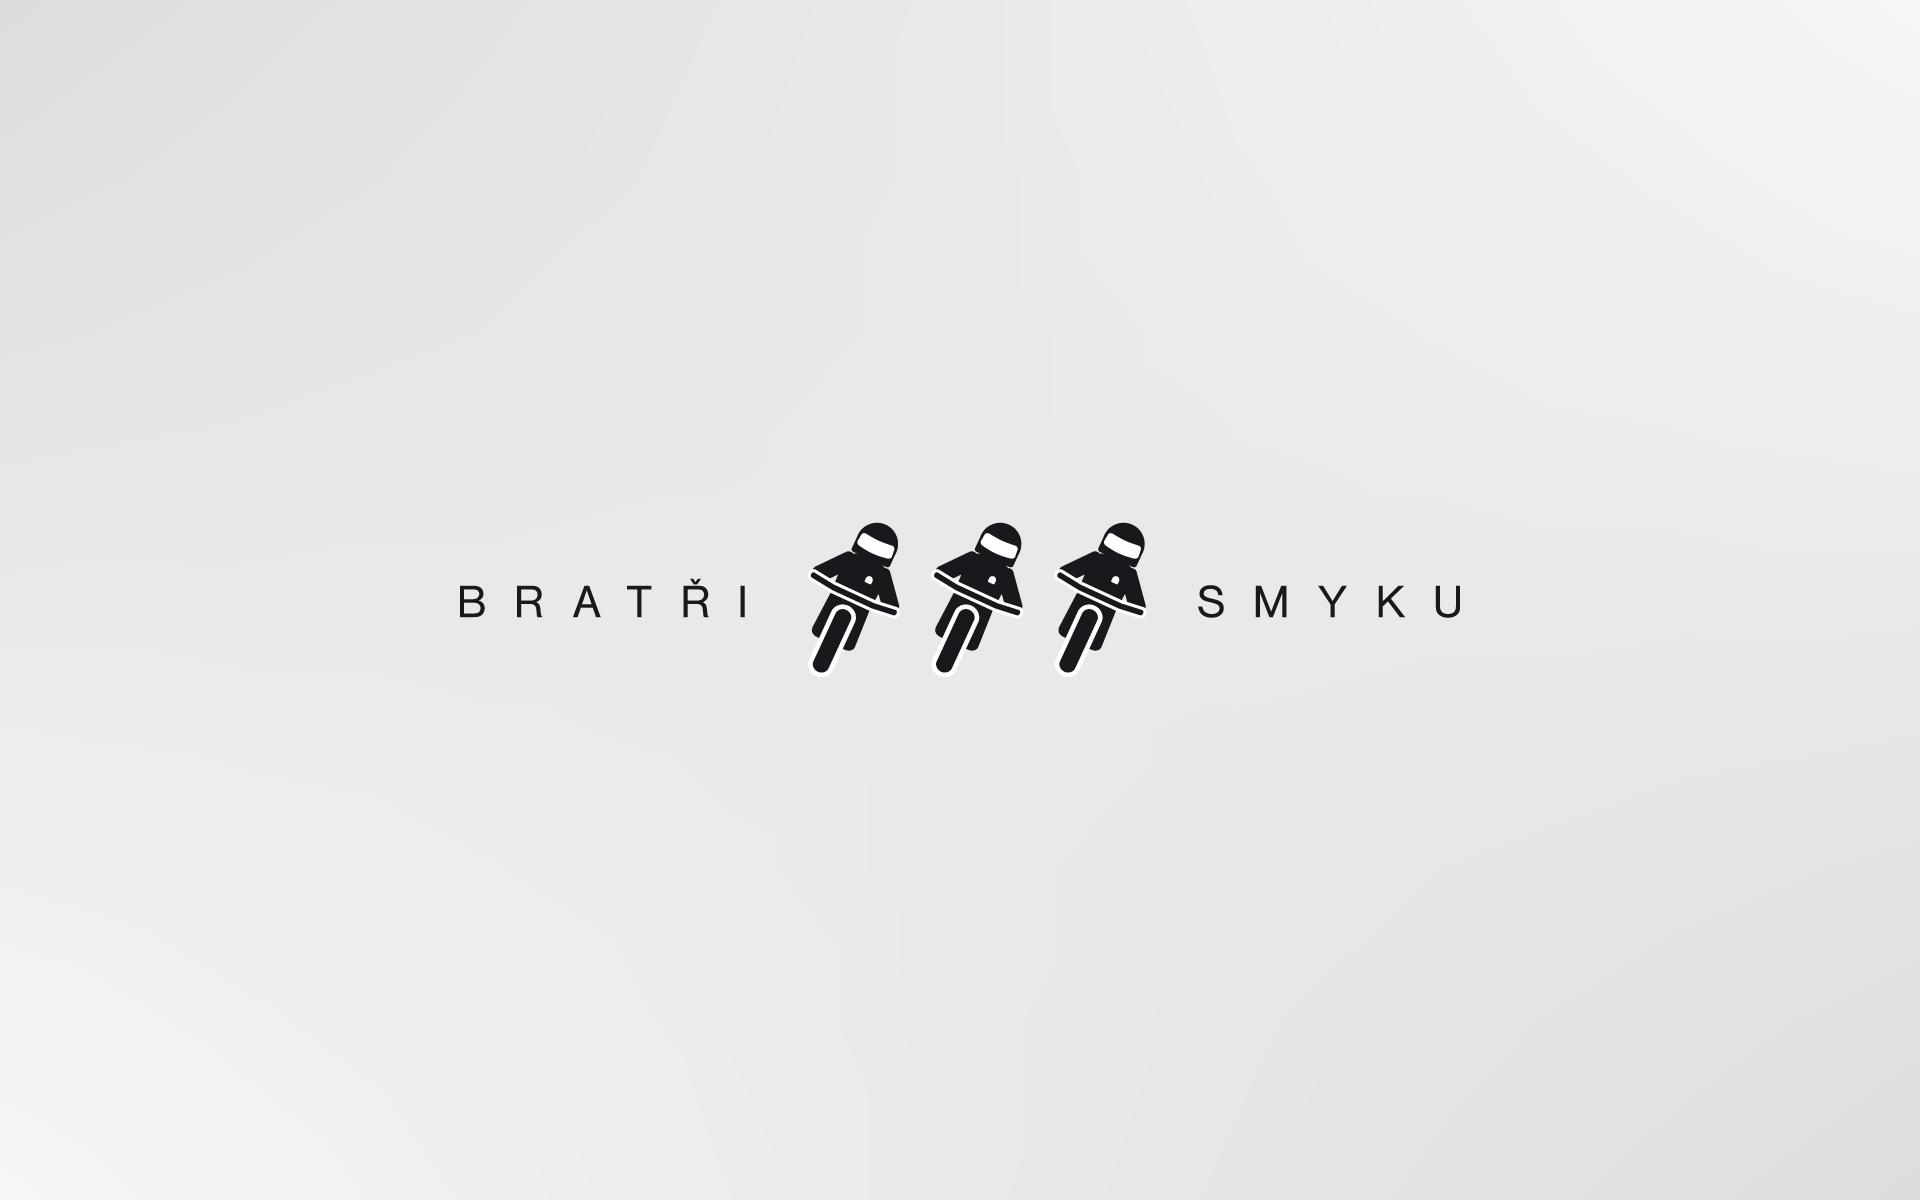 2003-Bratri-smyku-logo